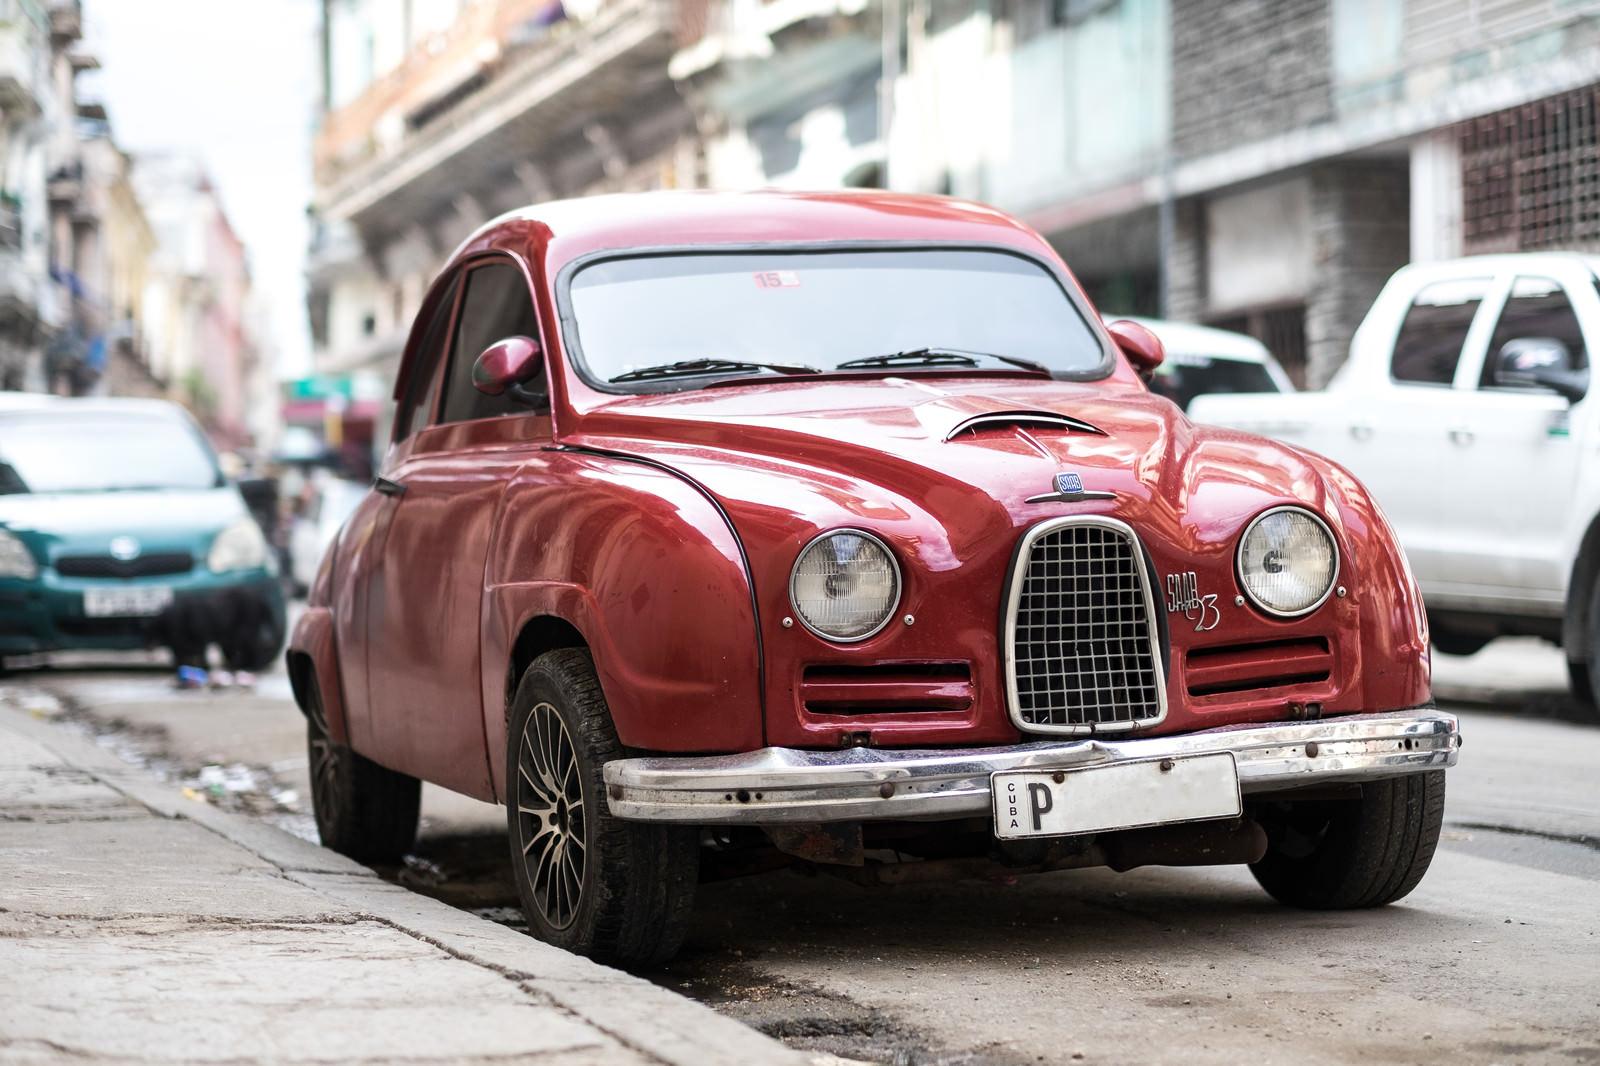 「赤いクラシックカー(SAAB 93)赤いクラシックカー(SAAB 93)」のフリー写真素材を拡大